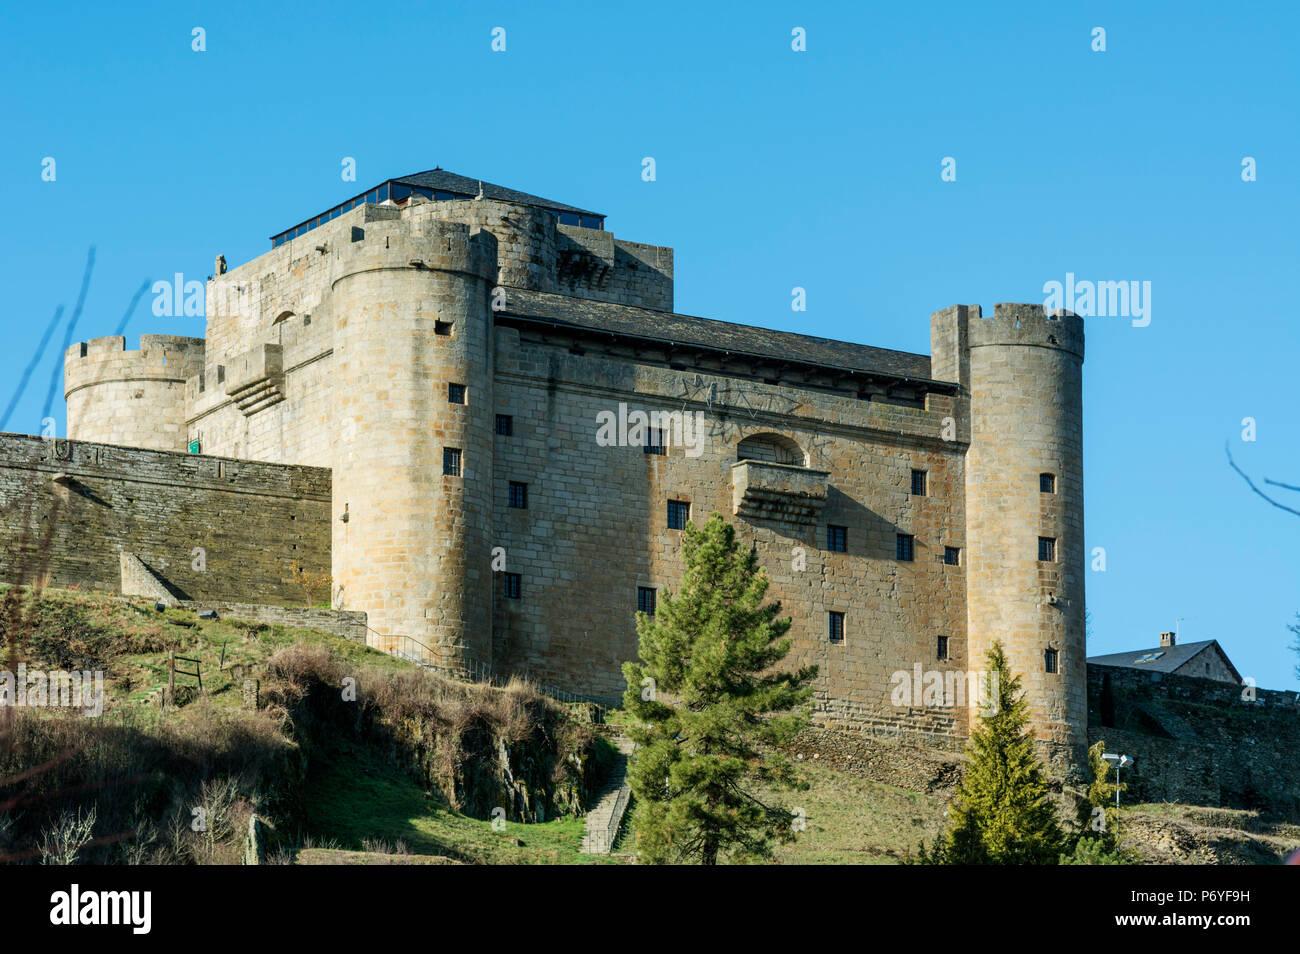 The castle (castillo de los condes de Benavente) of Puebla de Sanabria. Castilla y Leon, Spain - Stock Image